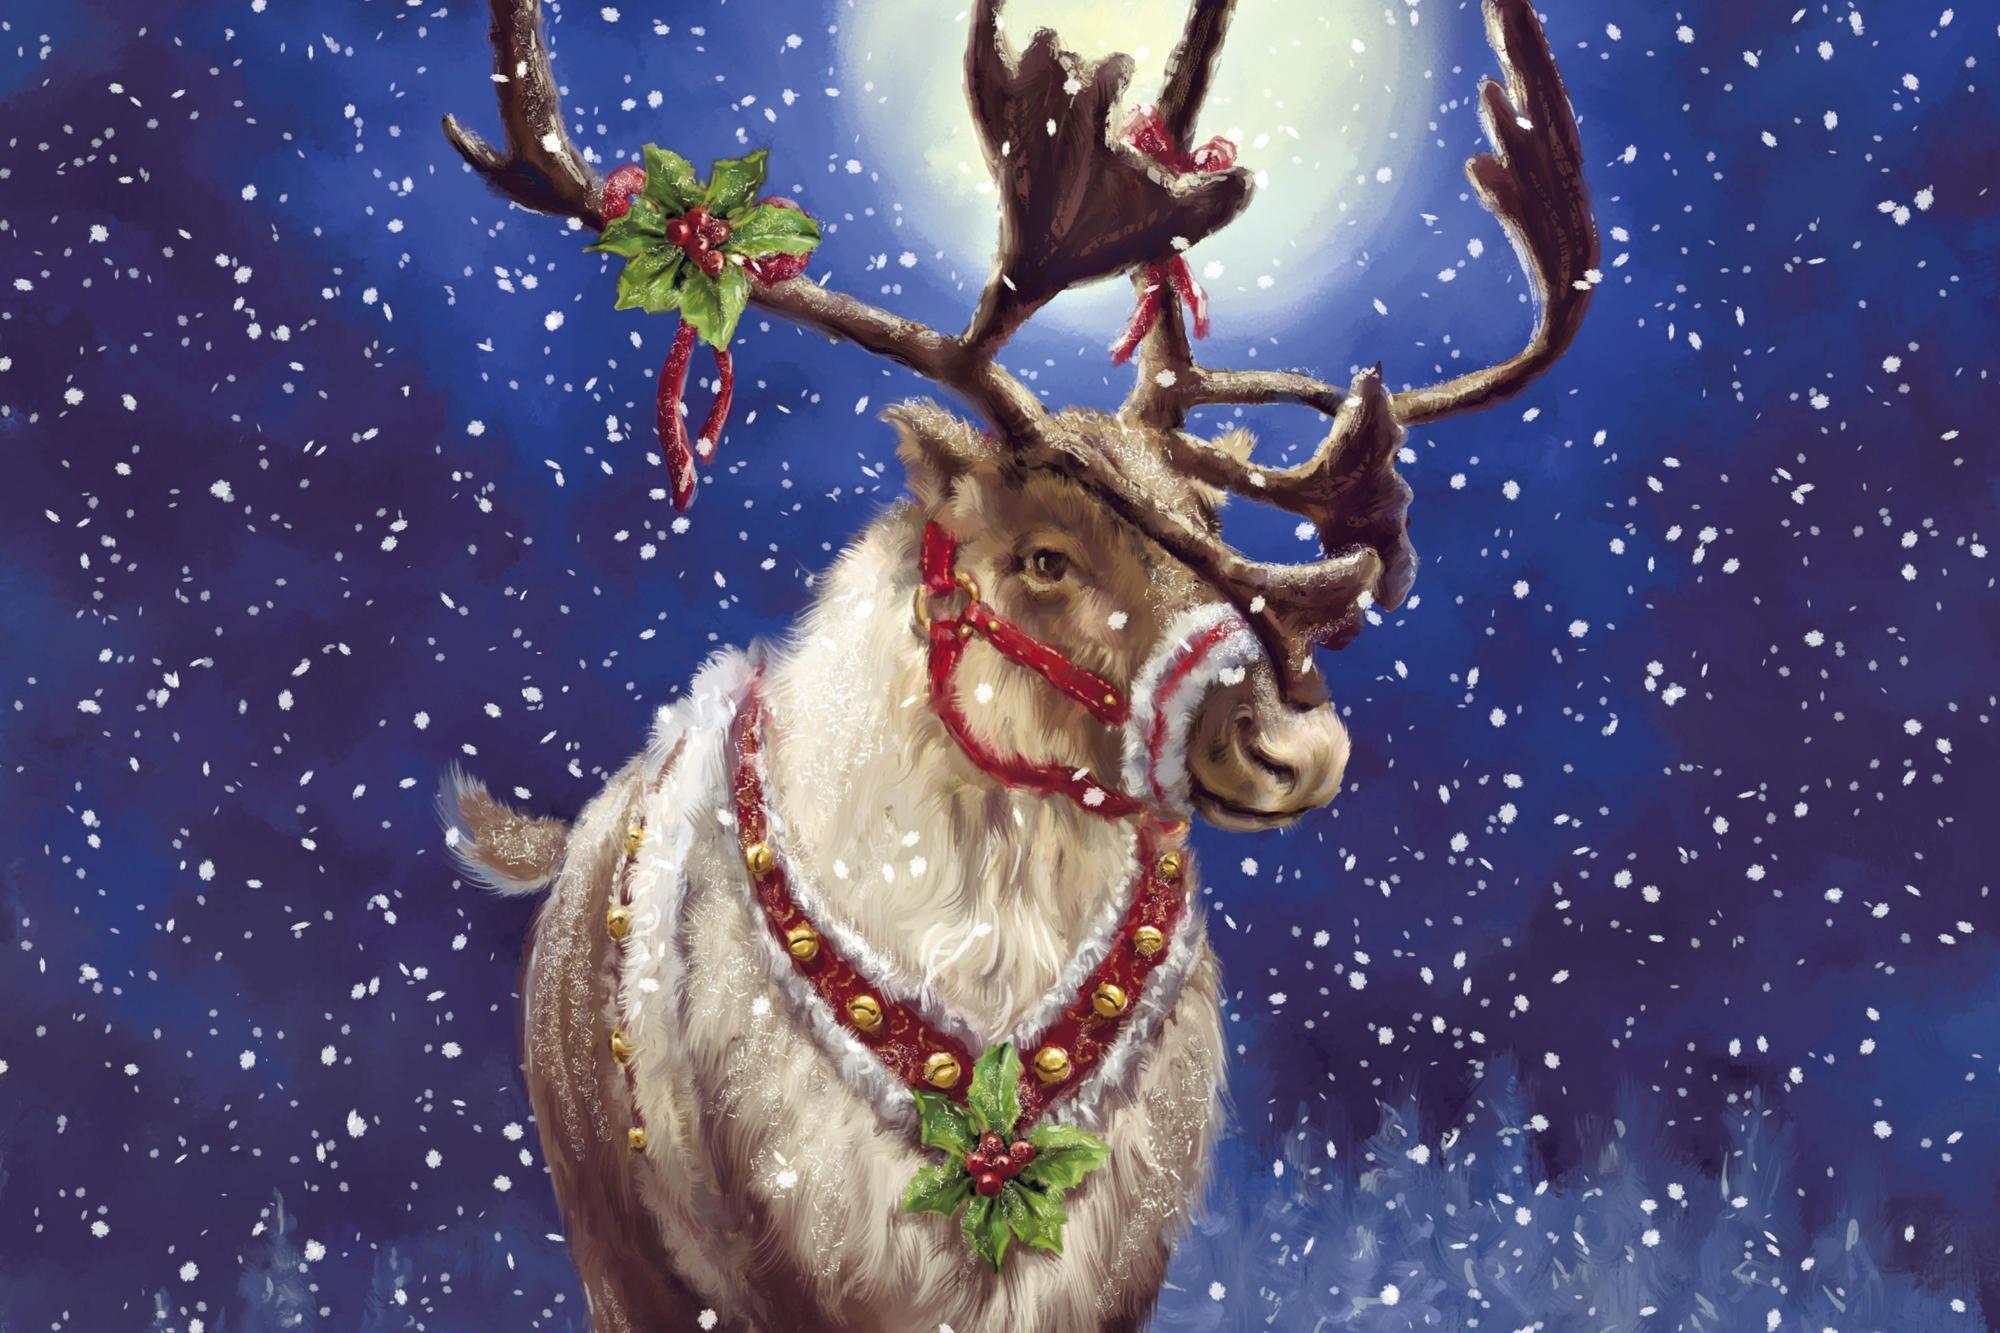 【馴鹿】超可愛的聖誕佳節動物~